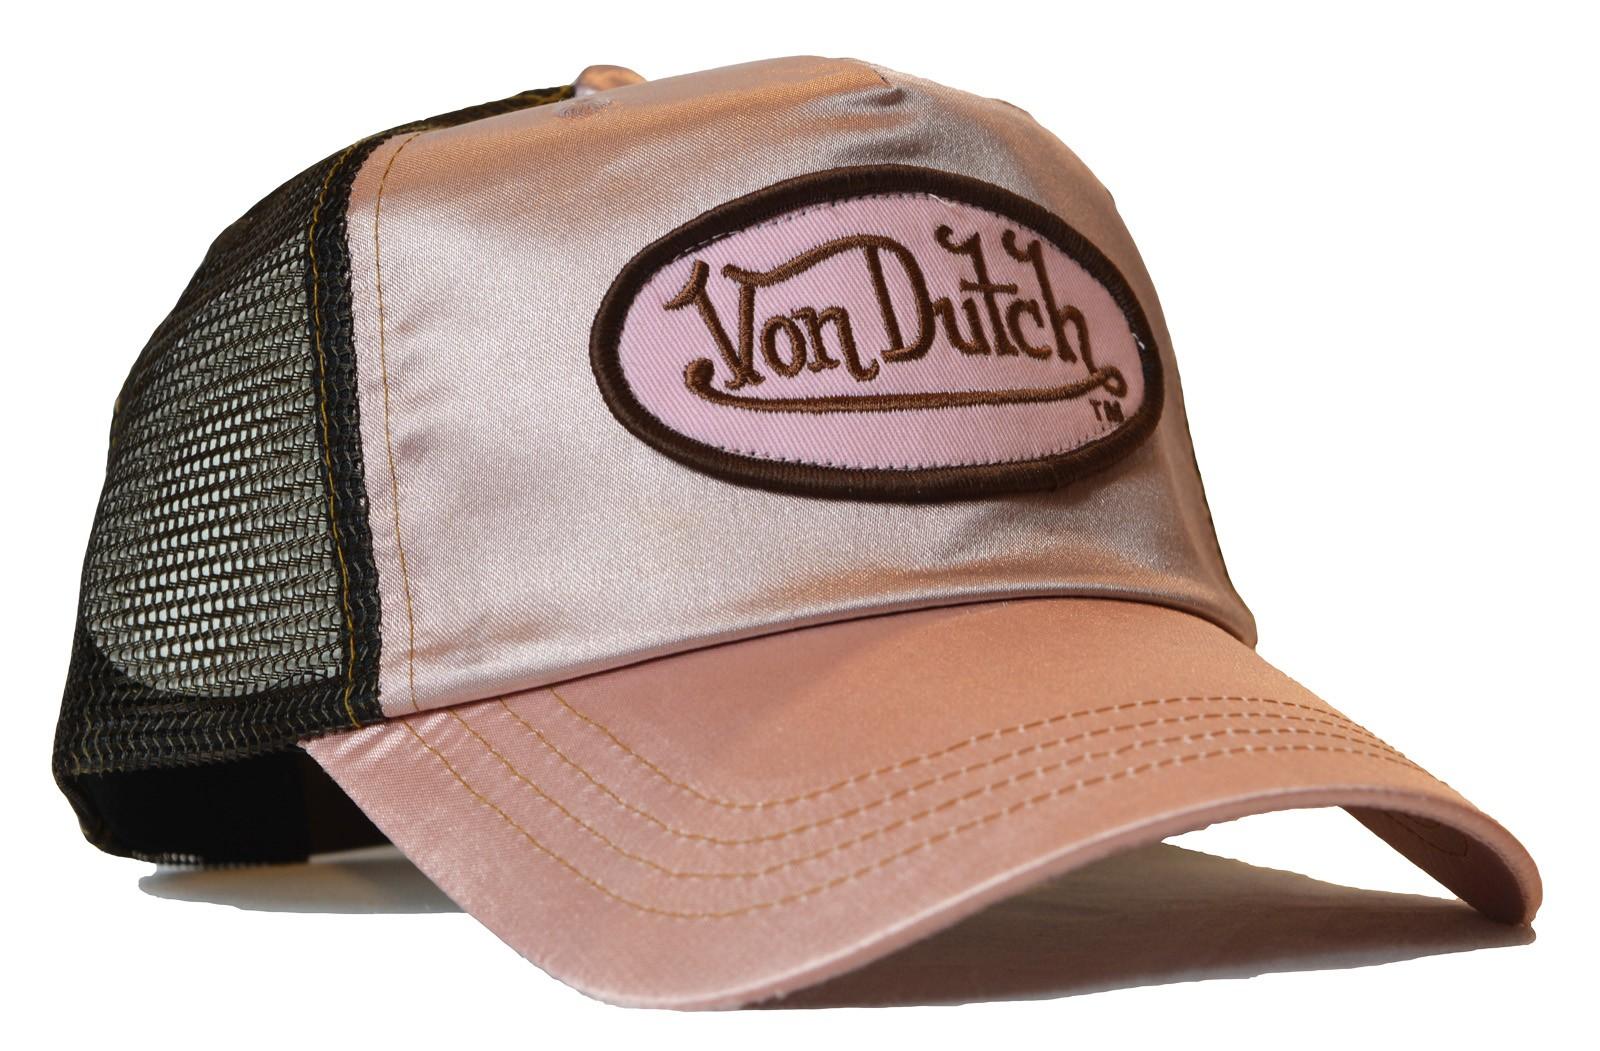 Von Dutch - Satin Rosa/Brown Mesh Trucker Cap